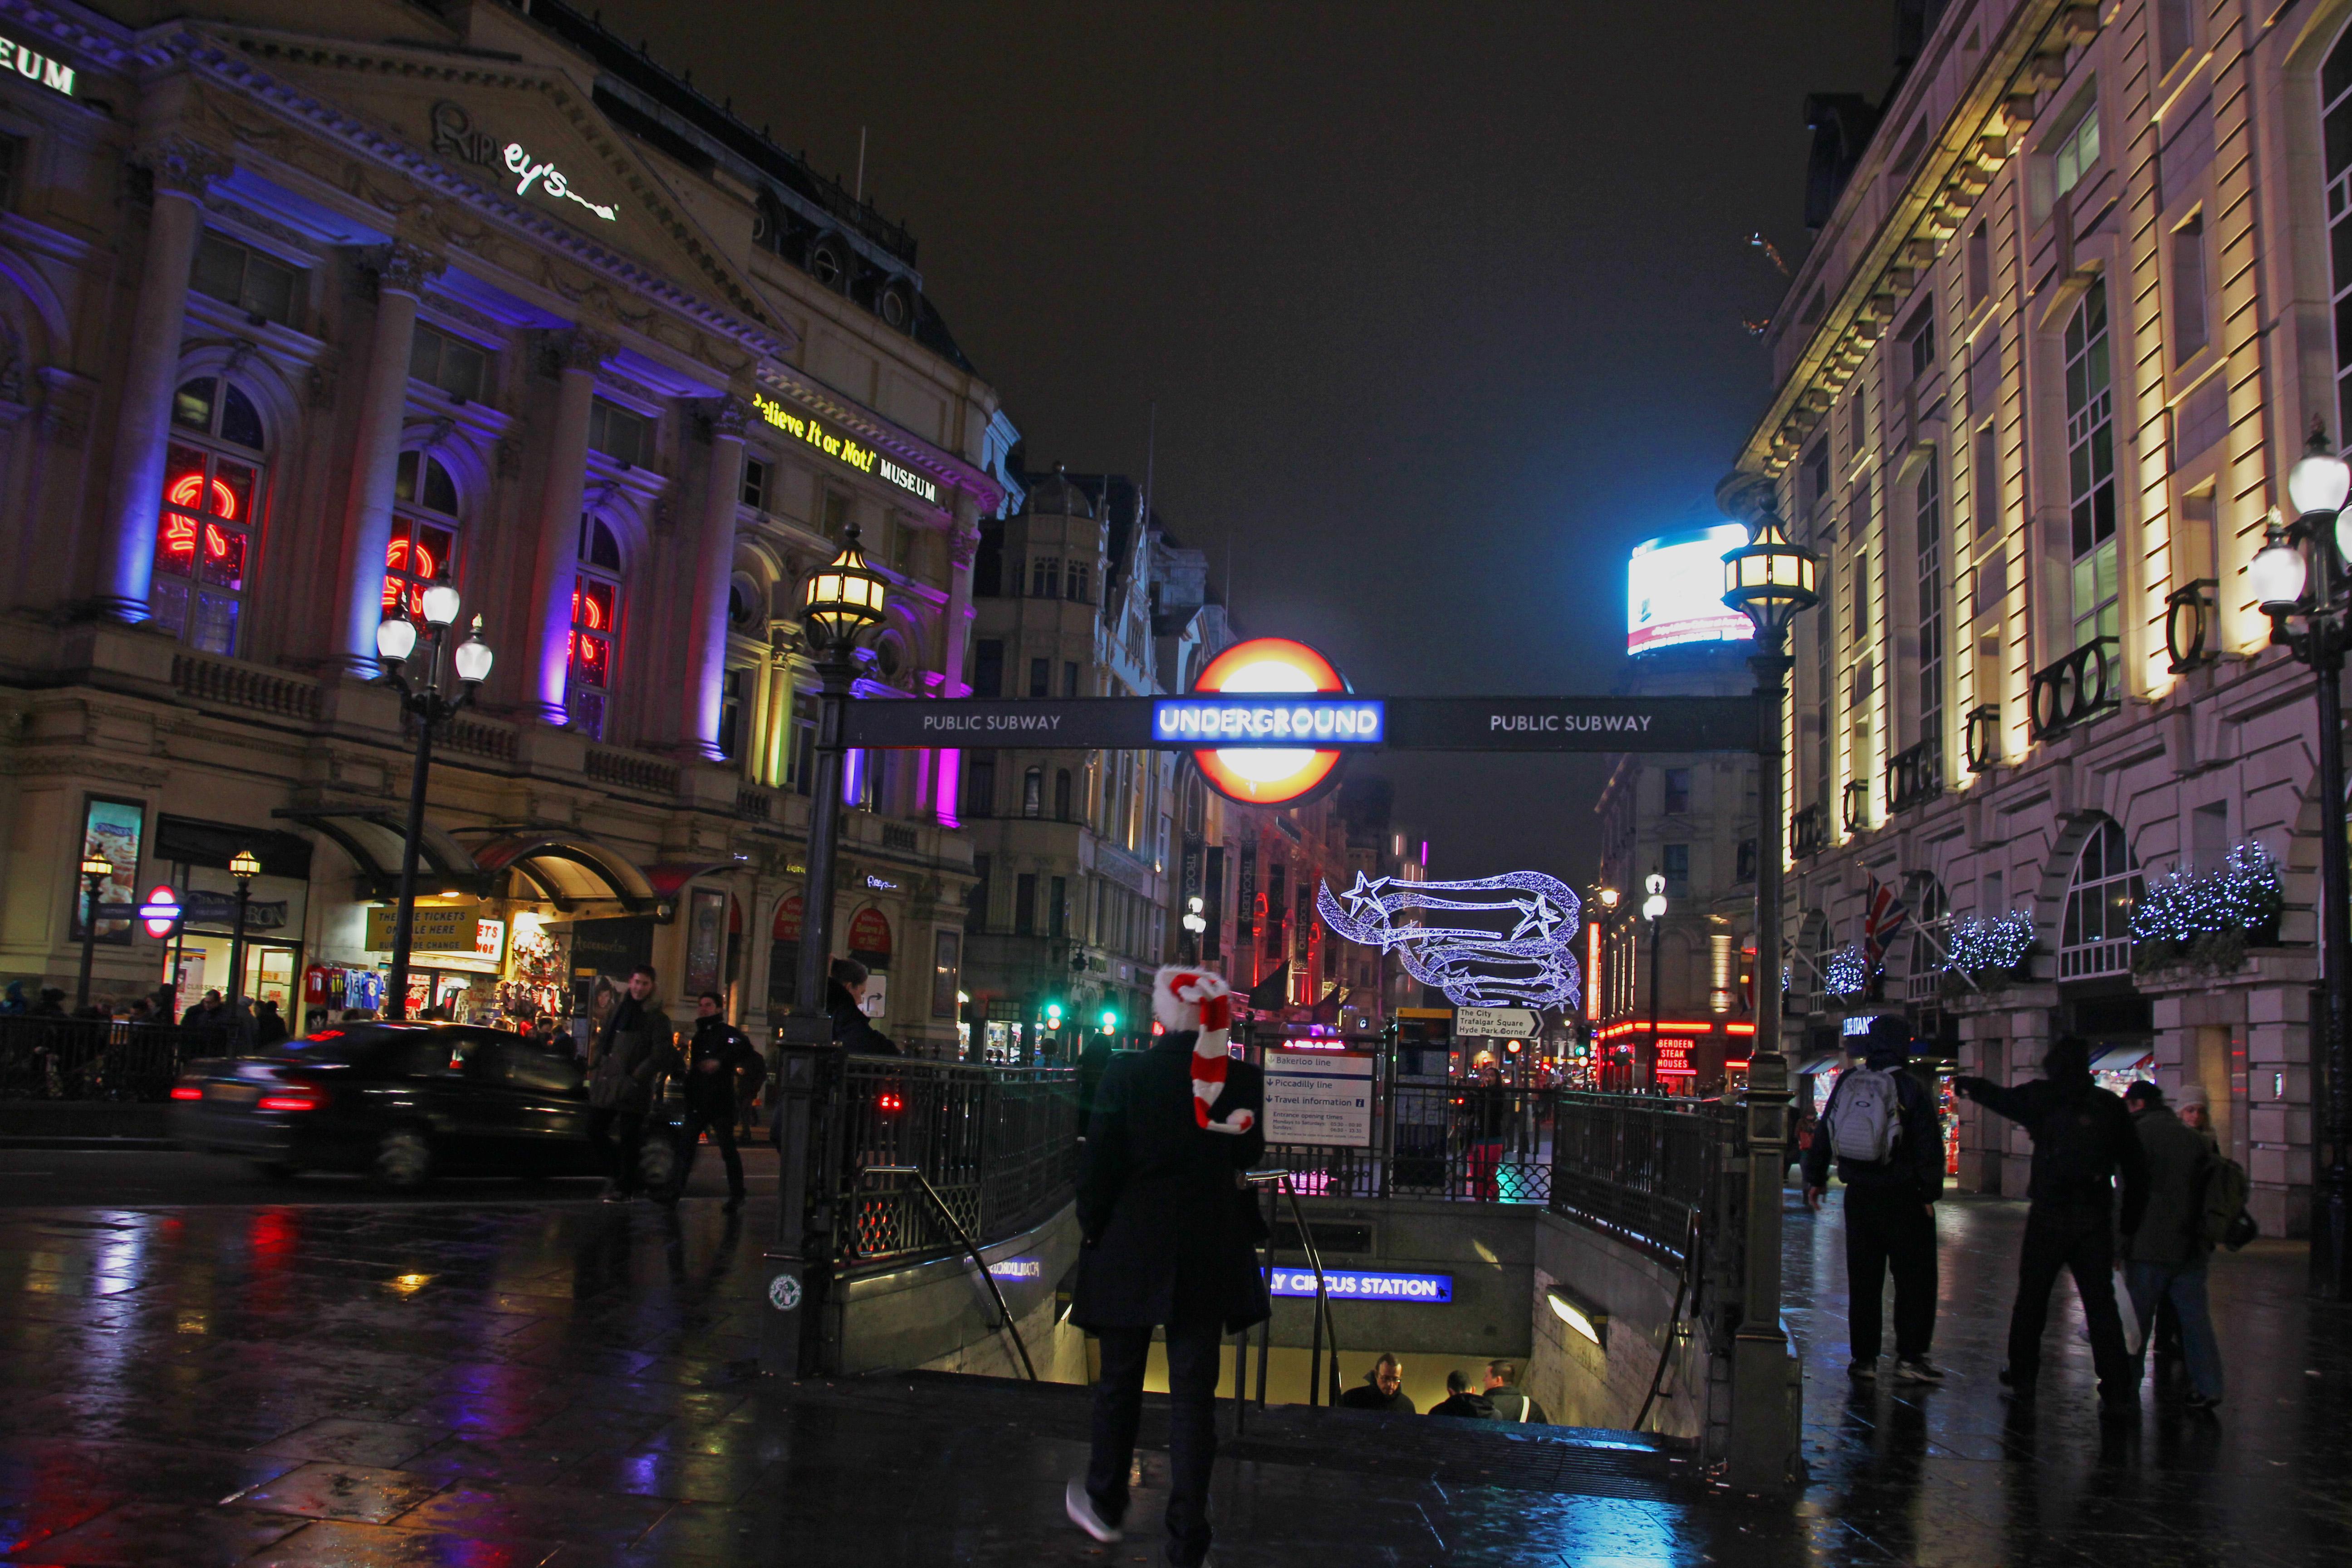 Piccadilly Circus © jonovernon-powell